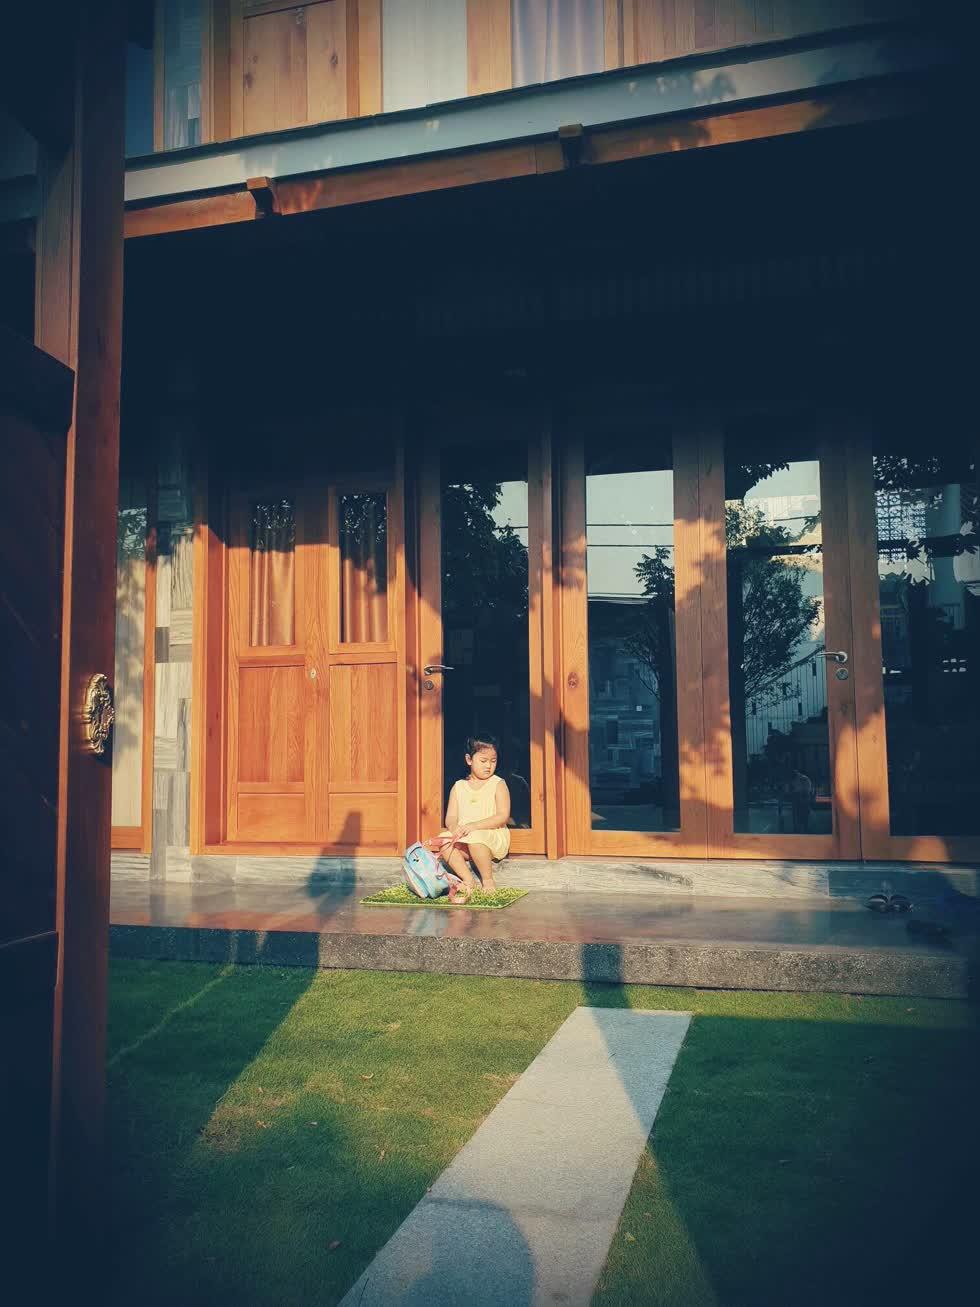 Thảm cỏ trước hiên nhà - nơi bé con có thể tha hồ vui đùa, chạy nhảy.